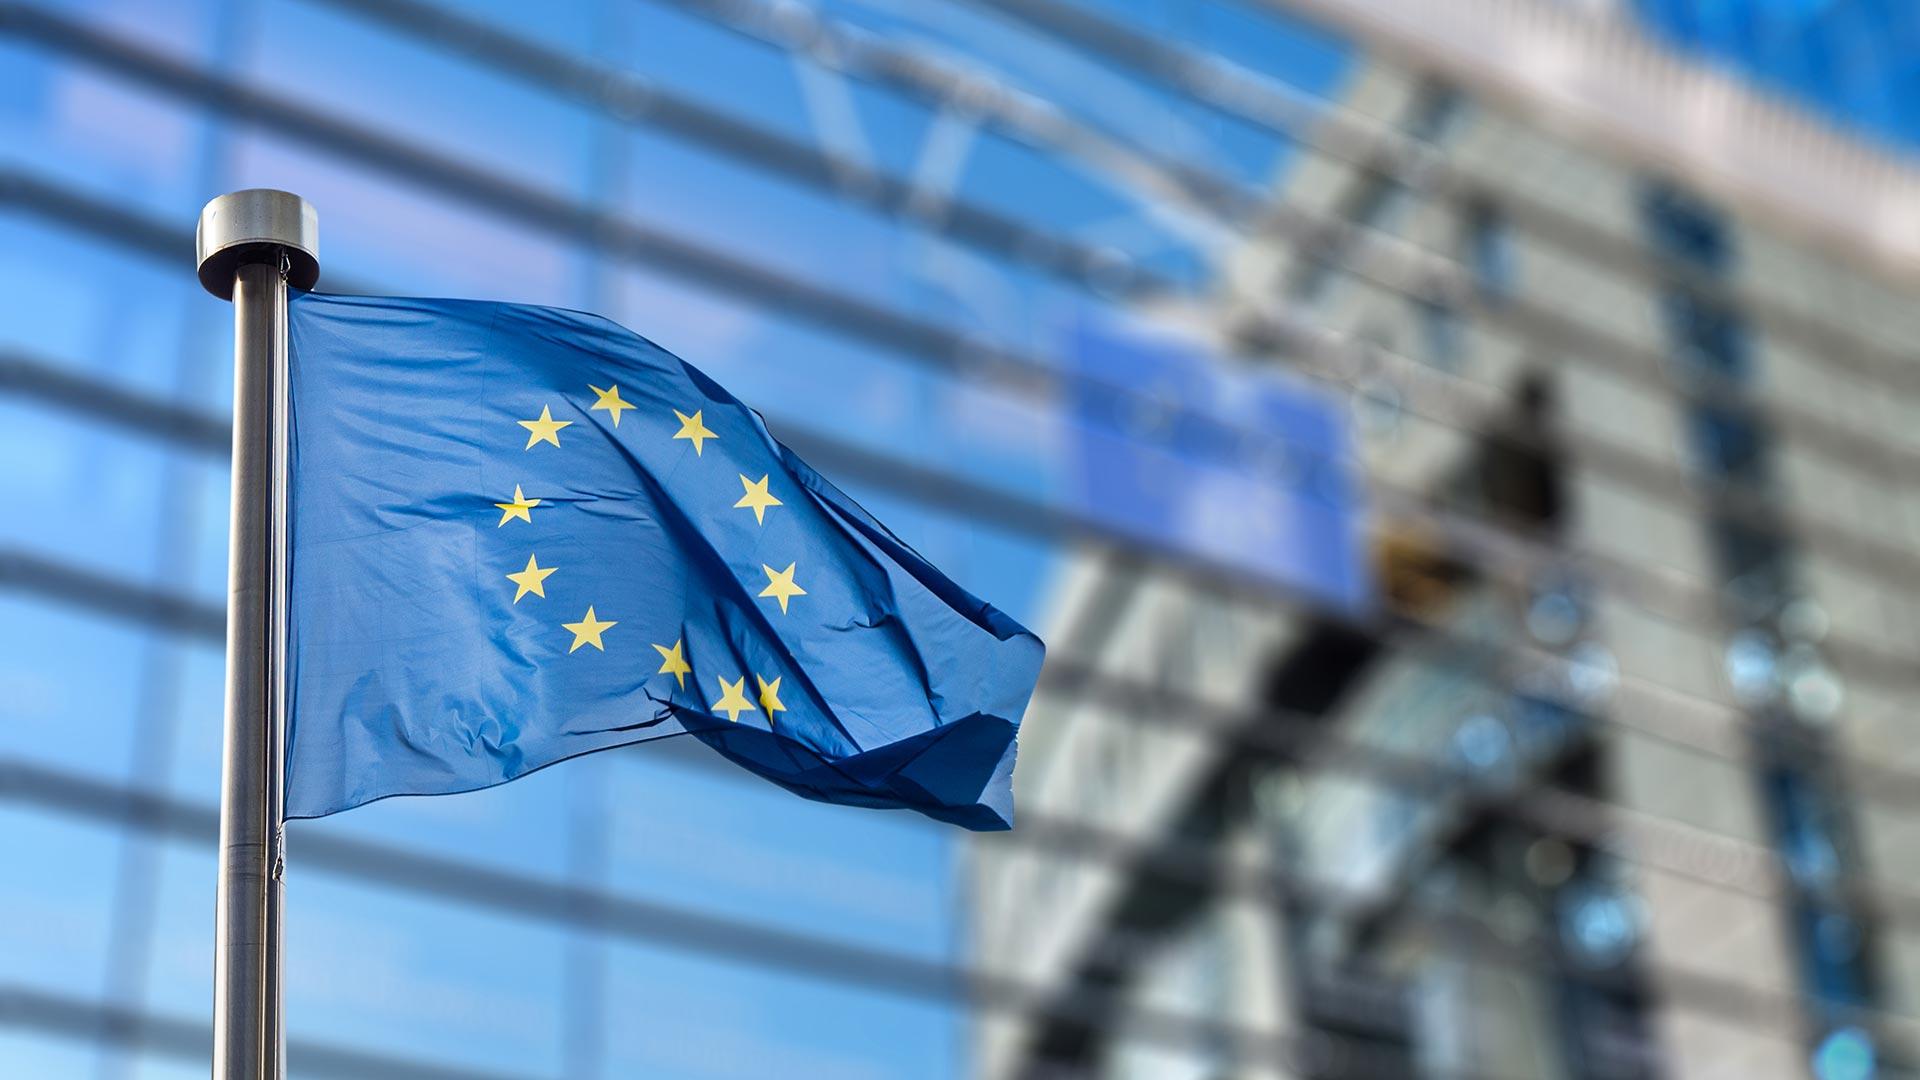 Réforme du droit d'auteur en Europe : accord du trilogue qui ouvre la voie à la création d'un droit voisin pour les éditeurs de presse